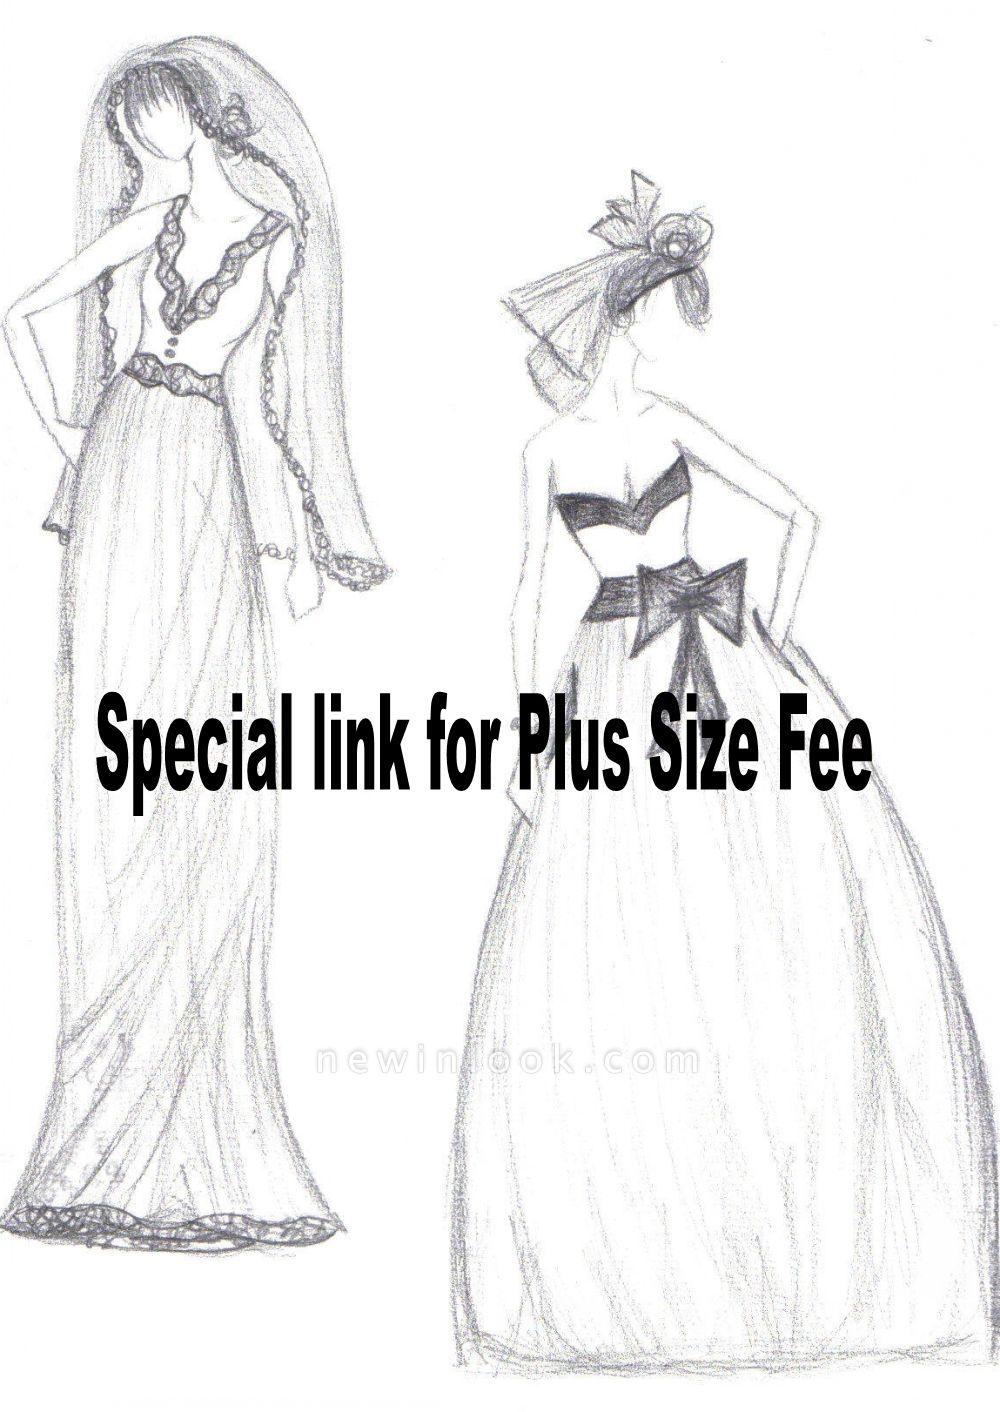 Enlace especial para carga adicional: tarifa adicional Pedido urgente, envío, tarifa de tamaño personalizado